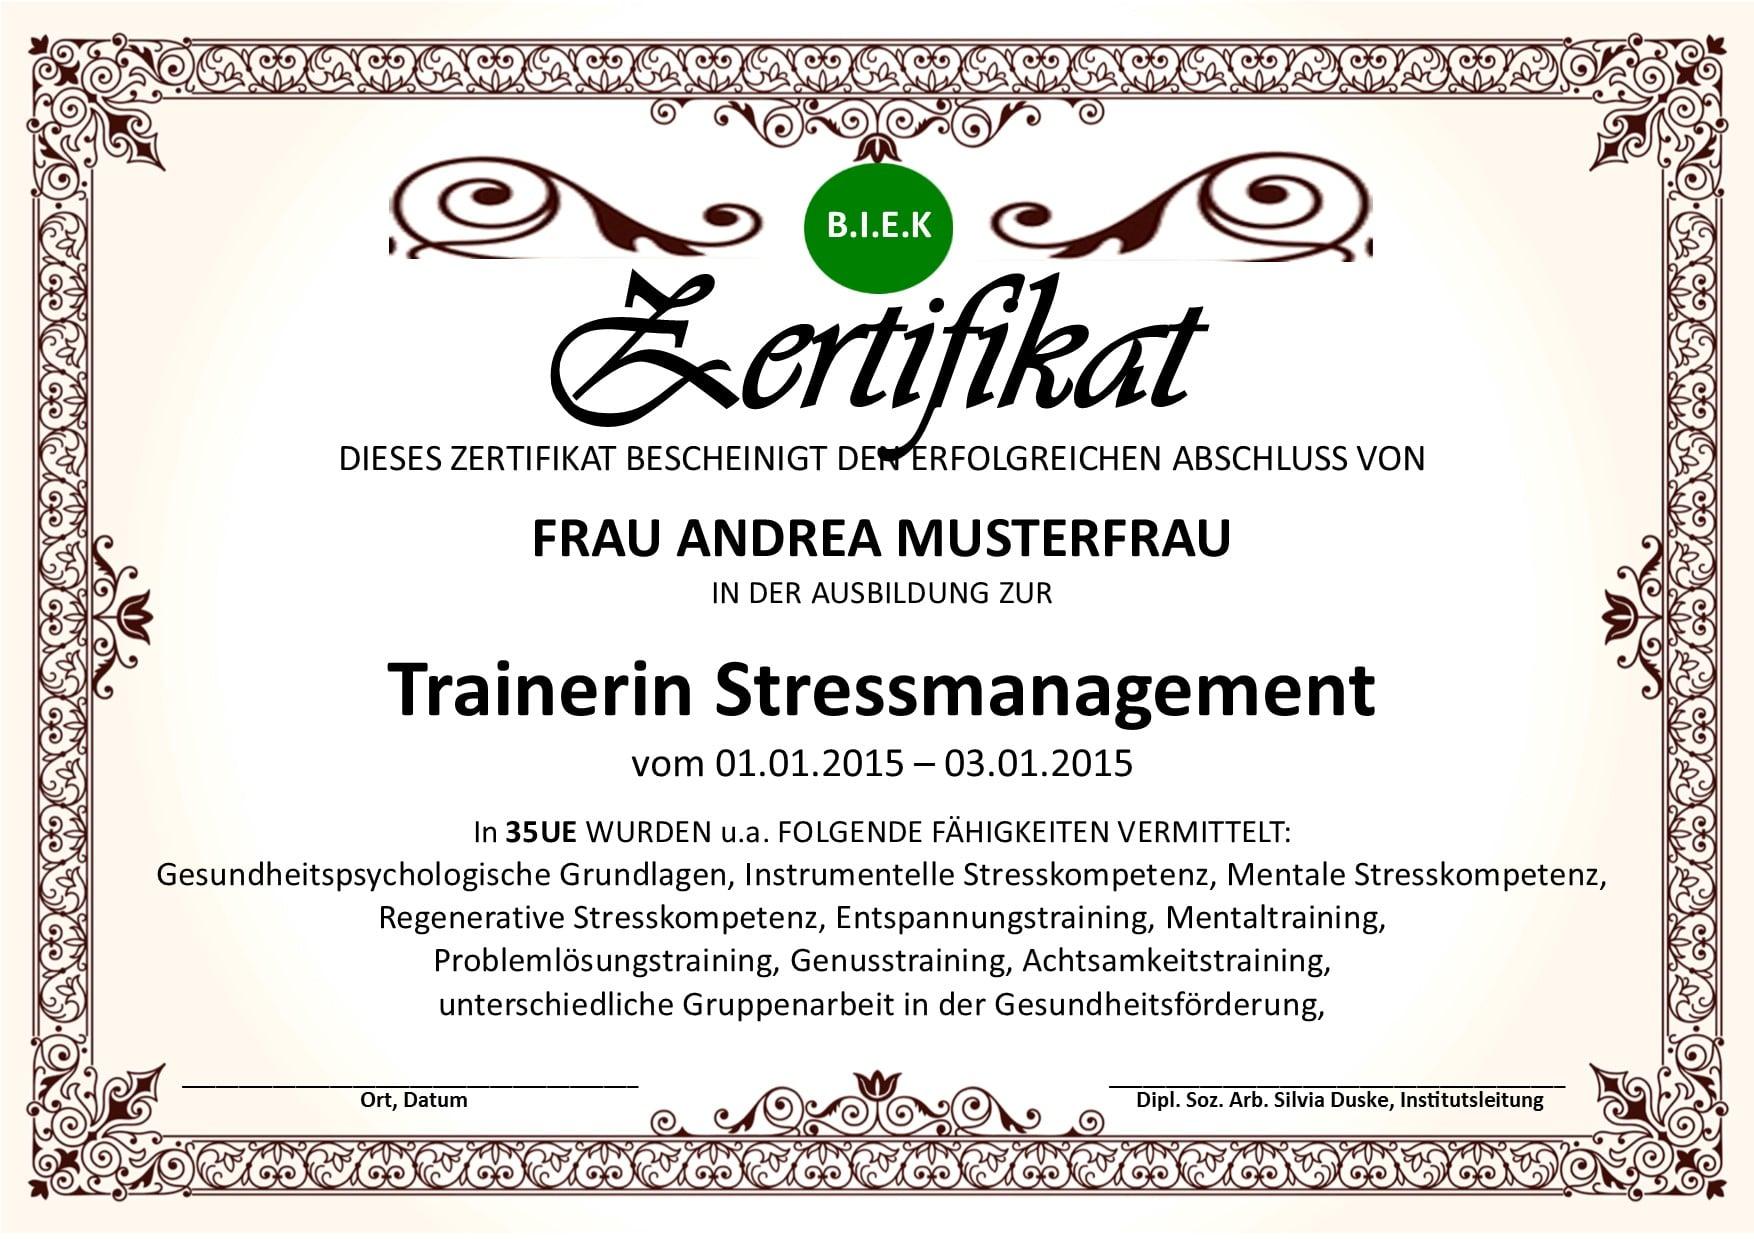 Ausbildung Stressmanagement Trainer Infos -